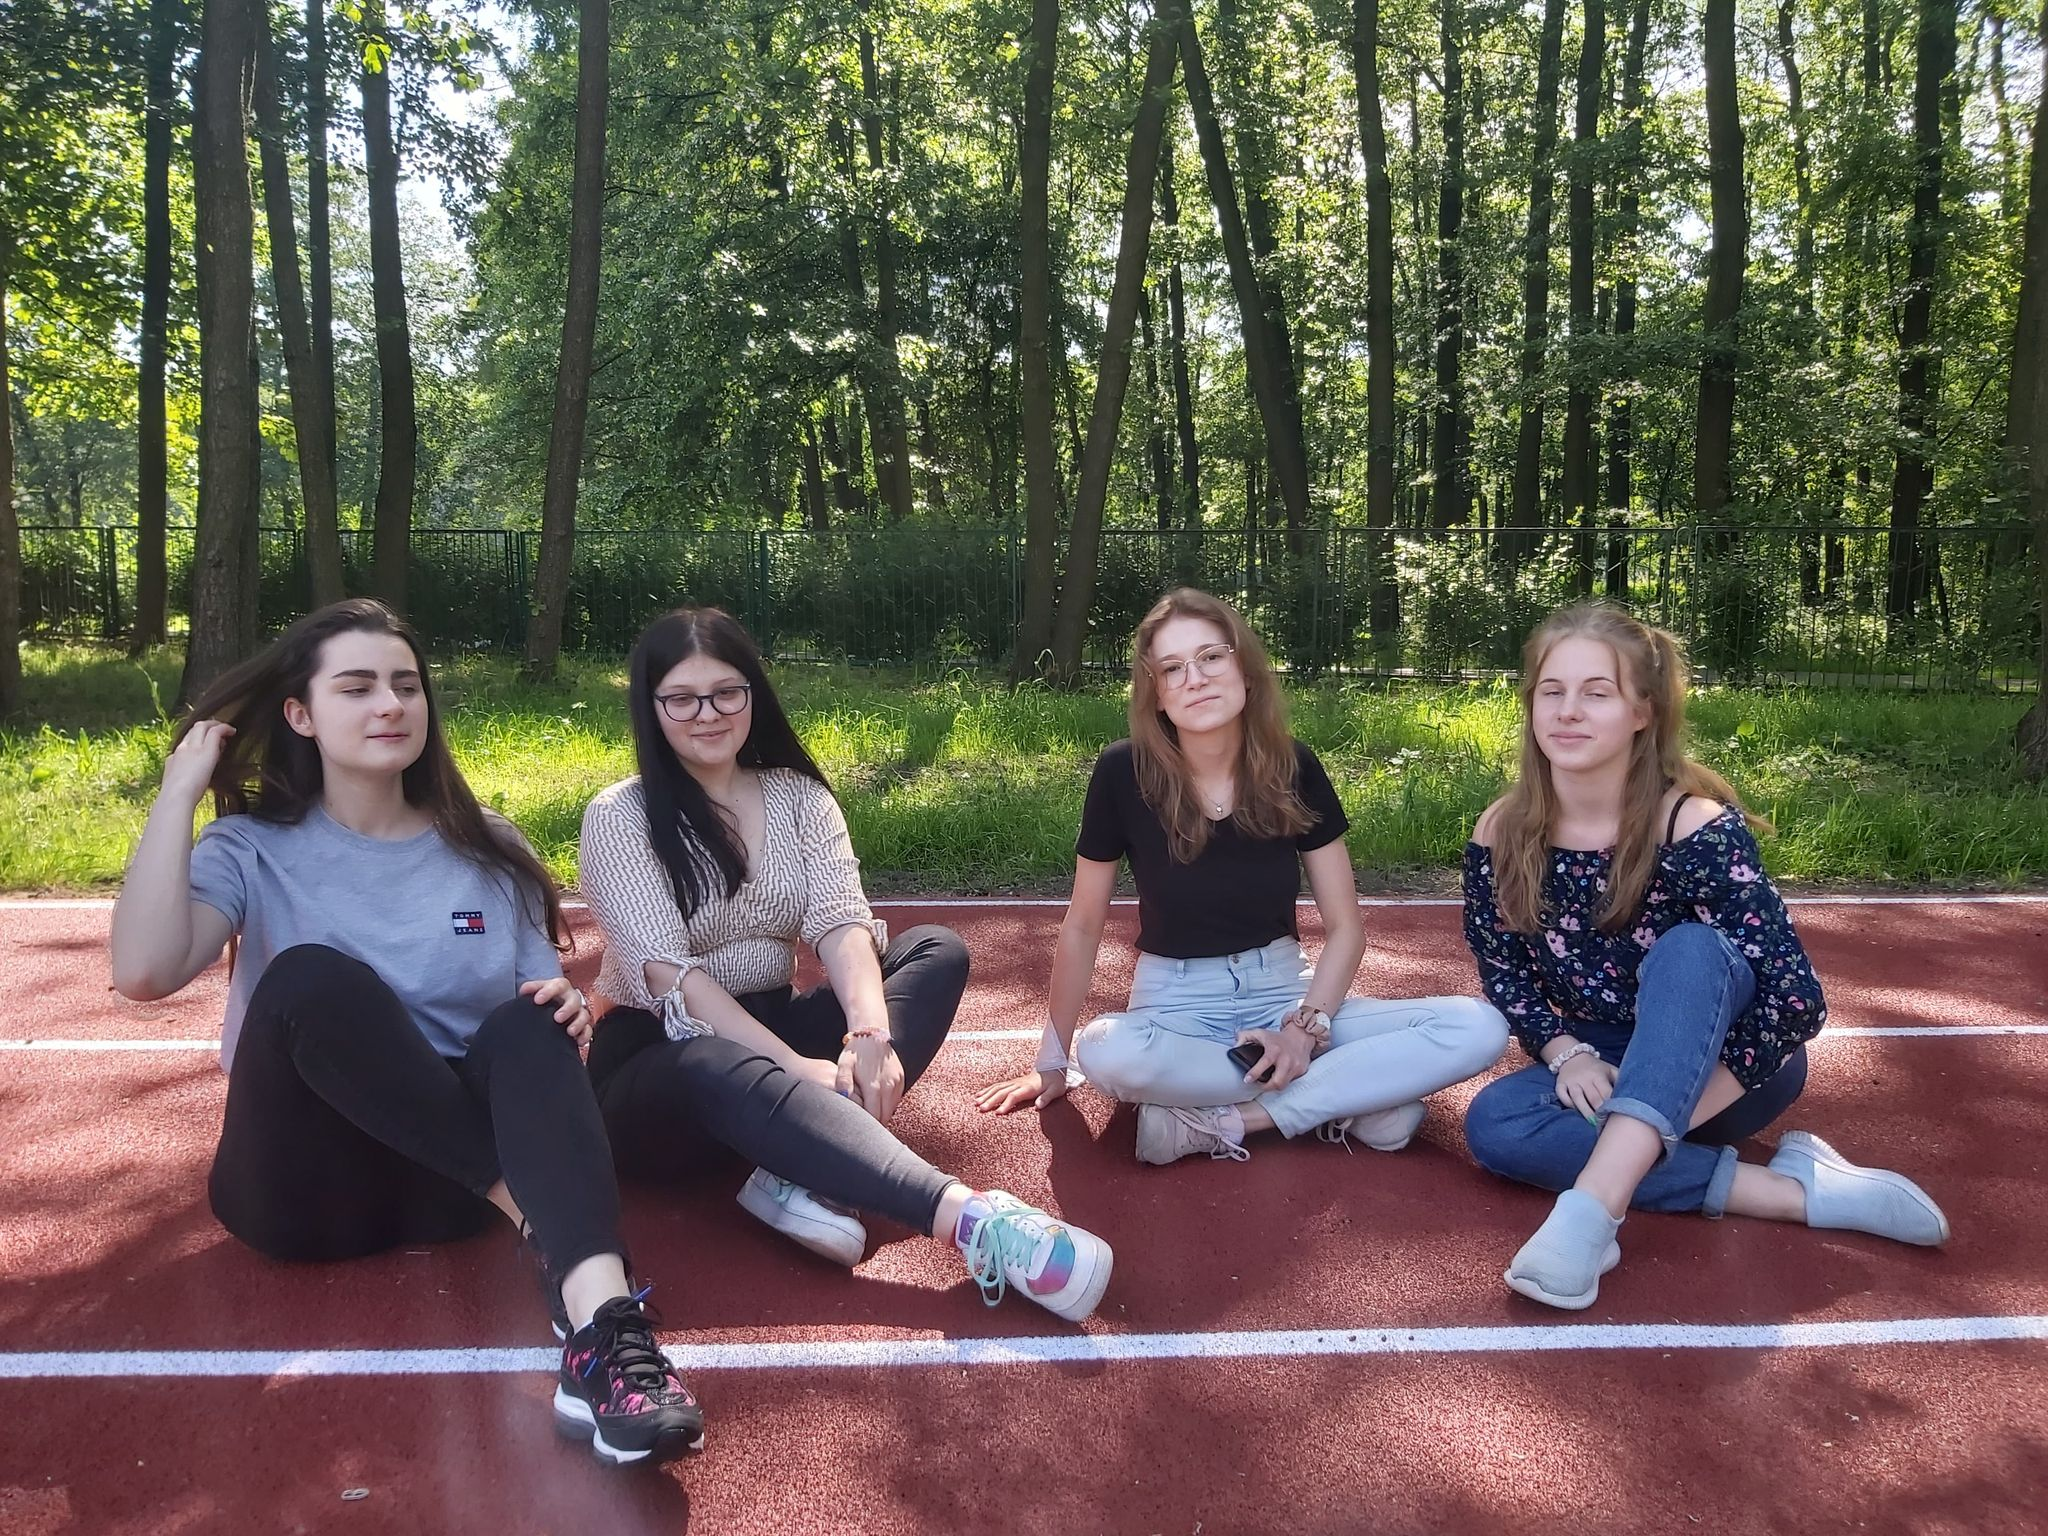 Dzien-sportu-i-rekreacji-2d1n-dziewczyny